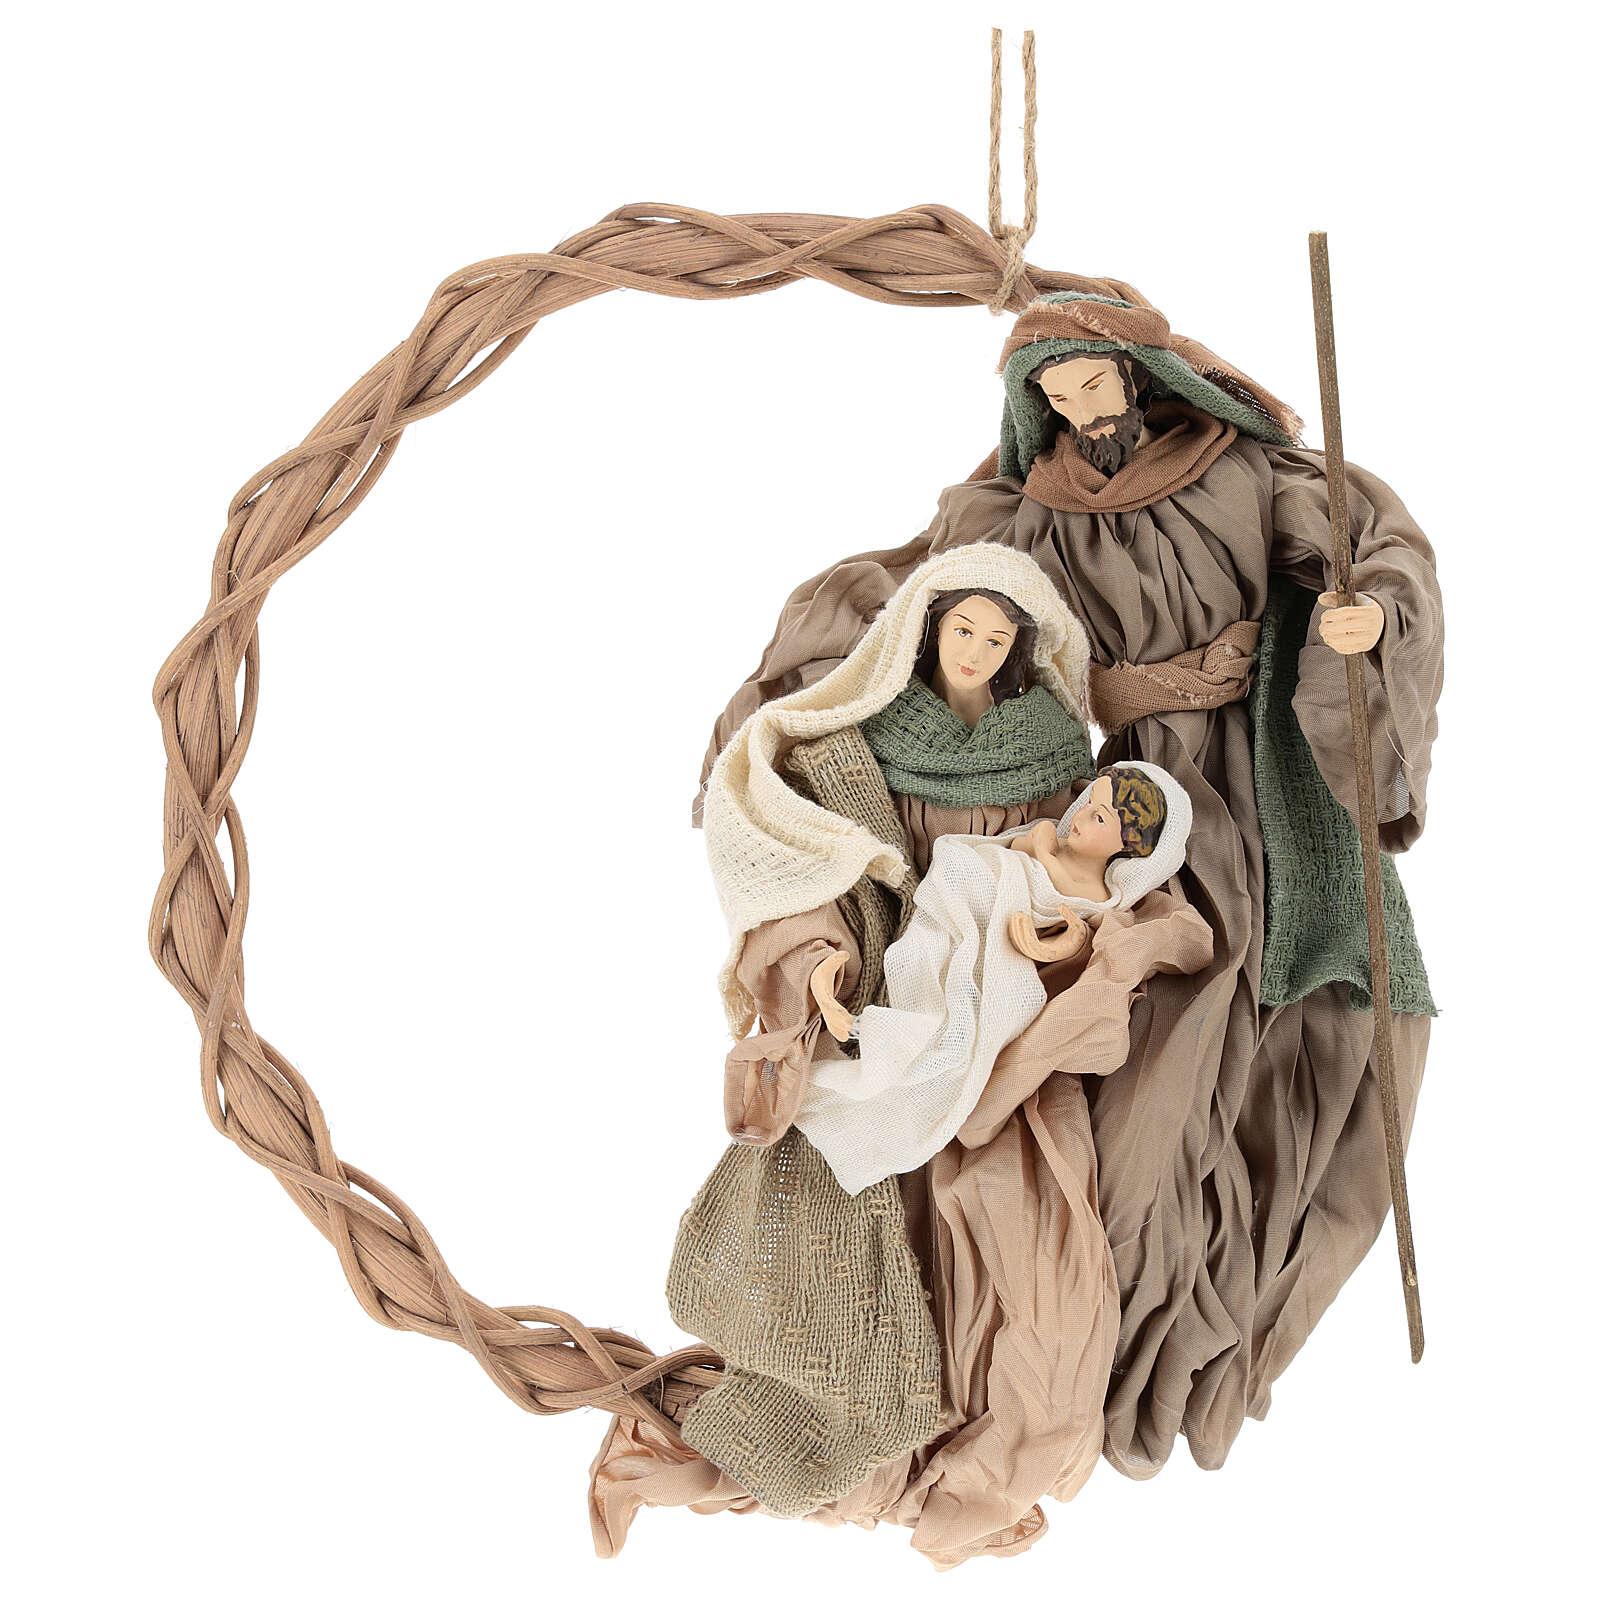 Geburt von Jesus Figuren aus Harz in Kranz Shabby Chic, 24 cm 3